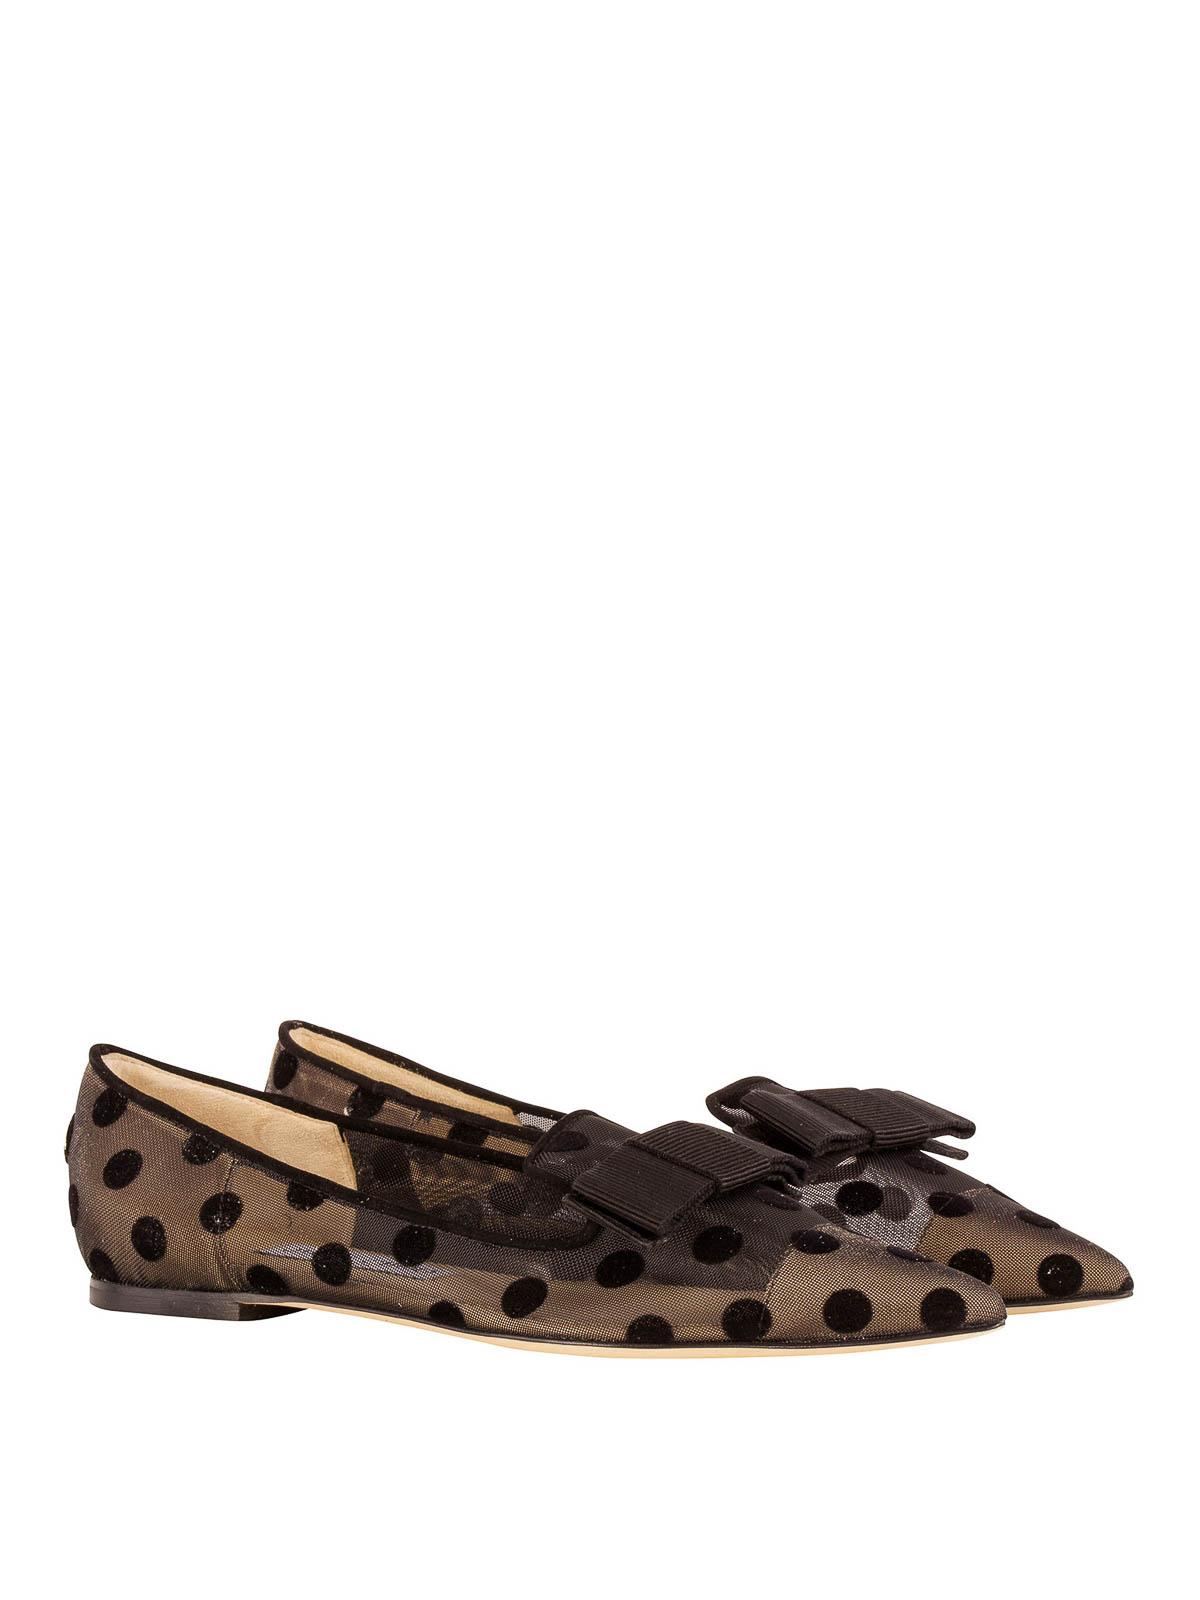 Jimmy Choo - Gala polka dot flat shoes